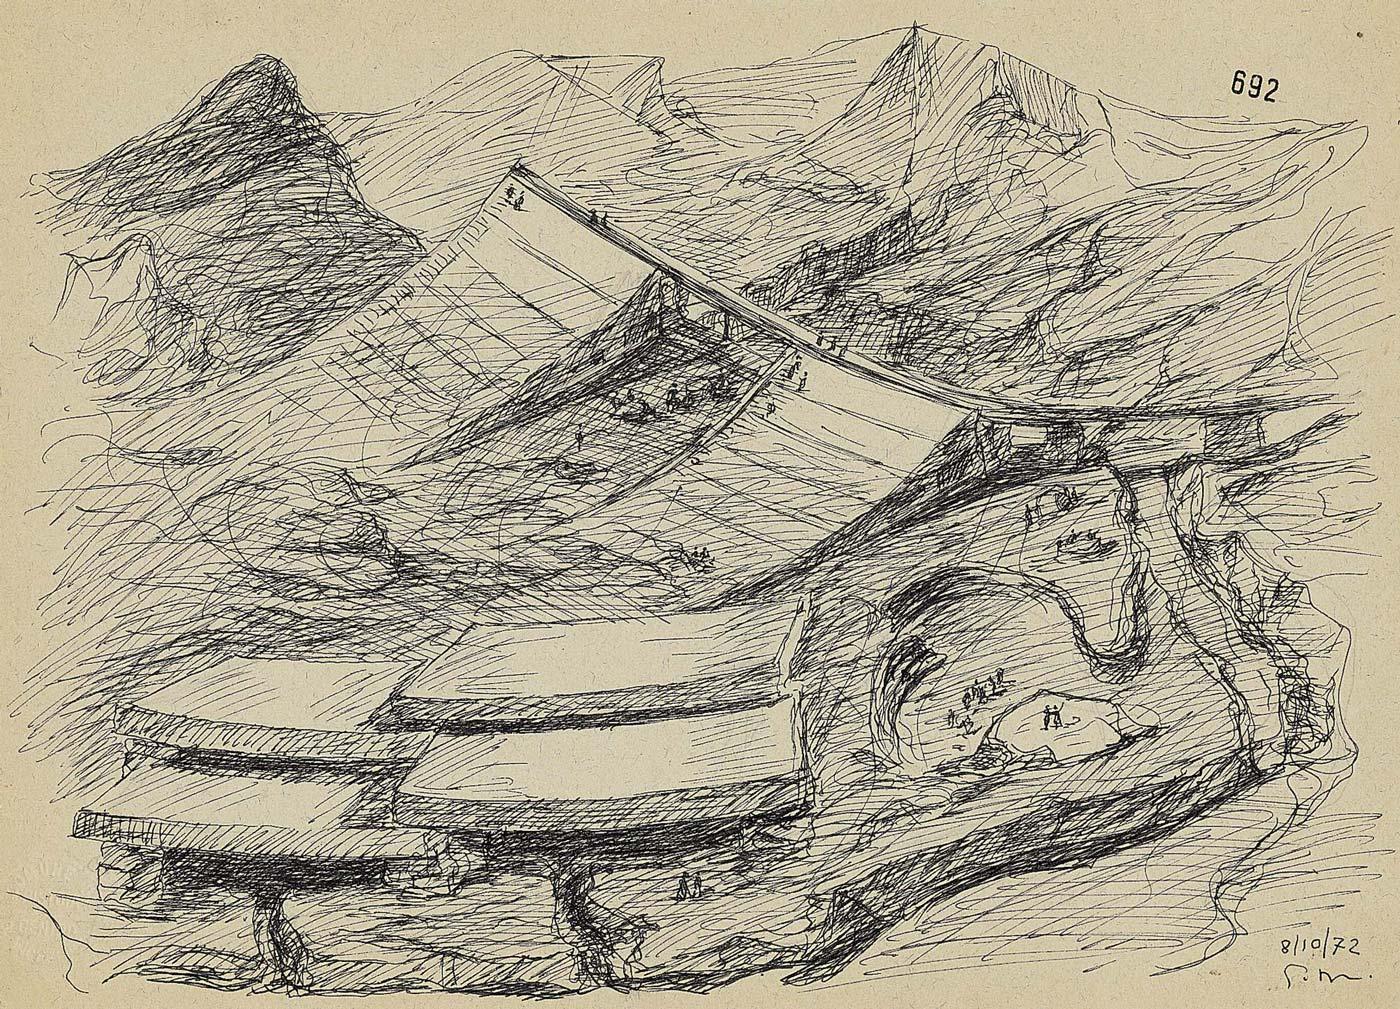 Progetto di un memoriale a Michelangelo sulle Alpi Apuane, Carrara - Penna e china su carta, cm 25x35 – 1972 Archivio Giovanni Michelucci